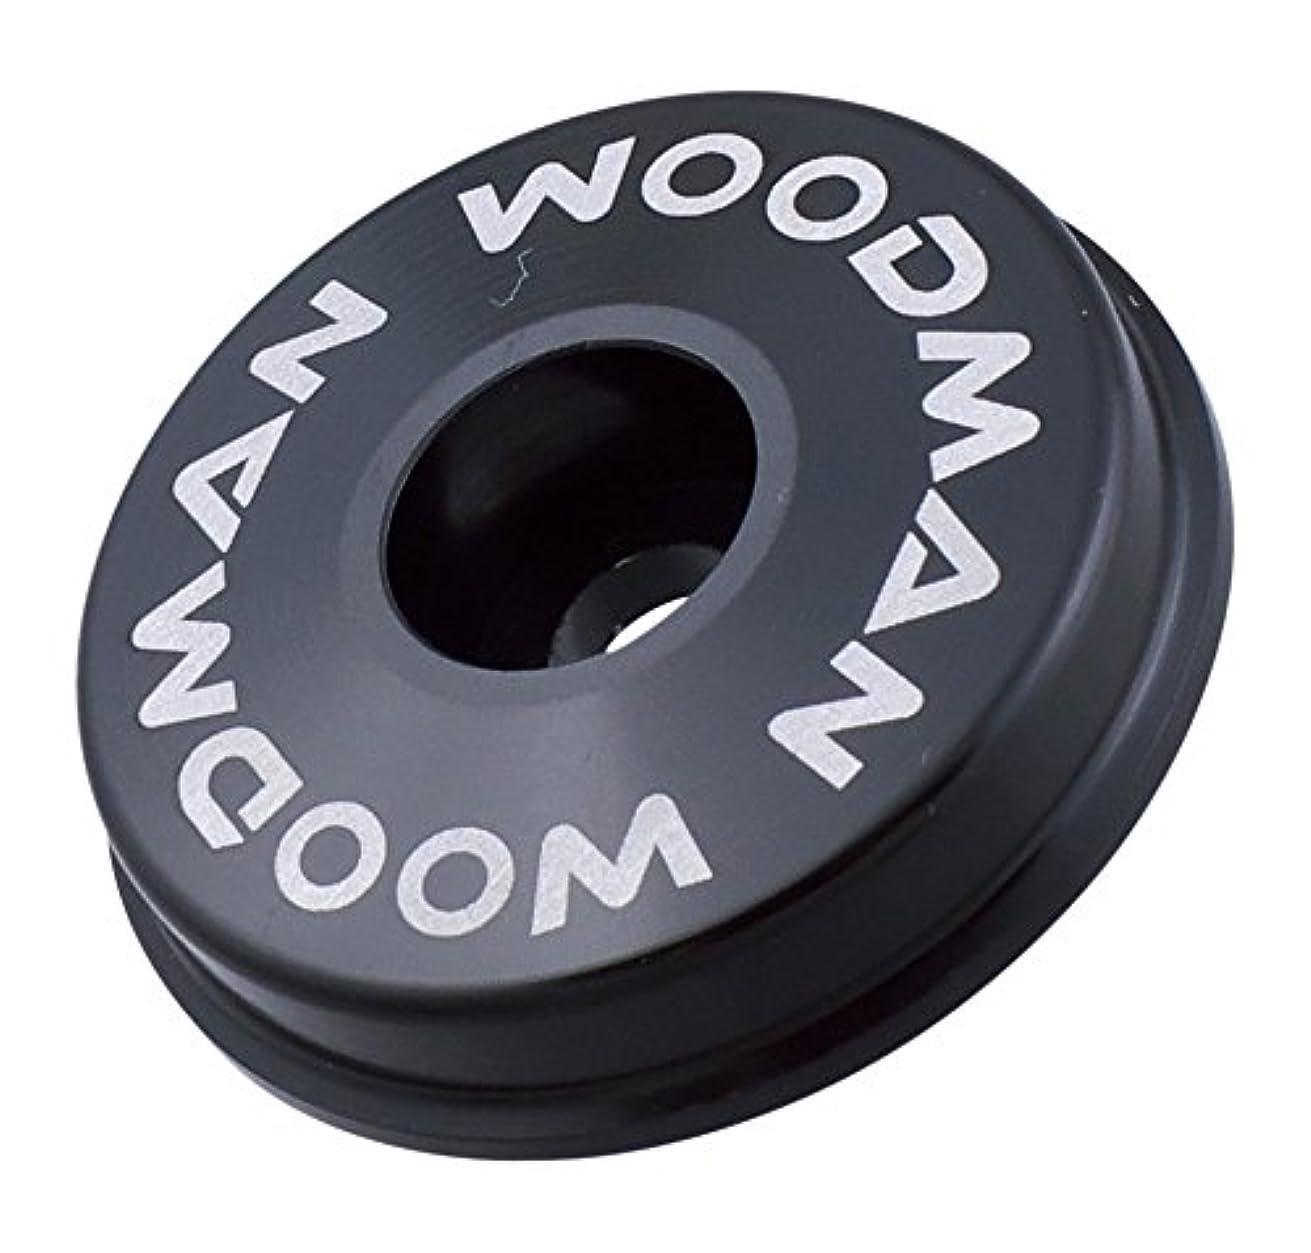 降ろす果てしないリスナーWOODMAN(ウッドマン) キャップシュールN [スペーサーキャップ] 5mm ブラック WM05BK